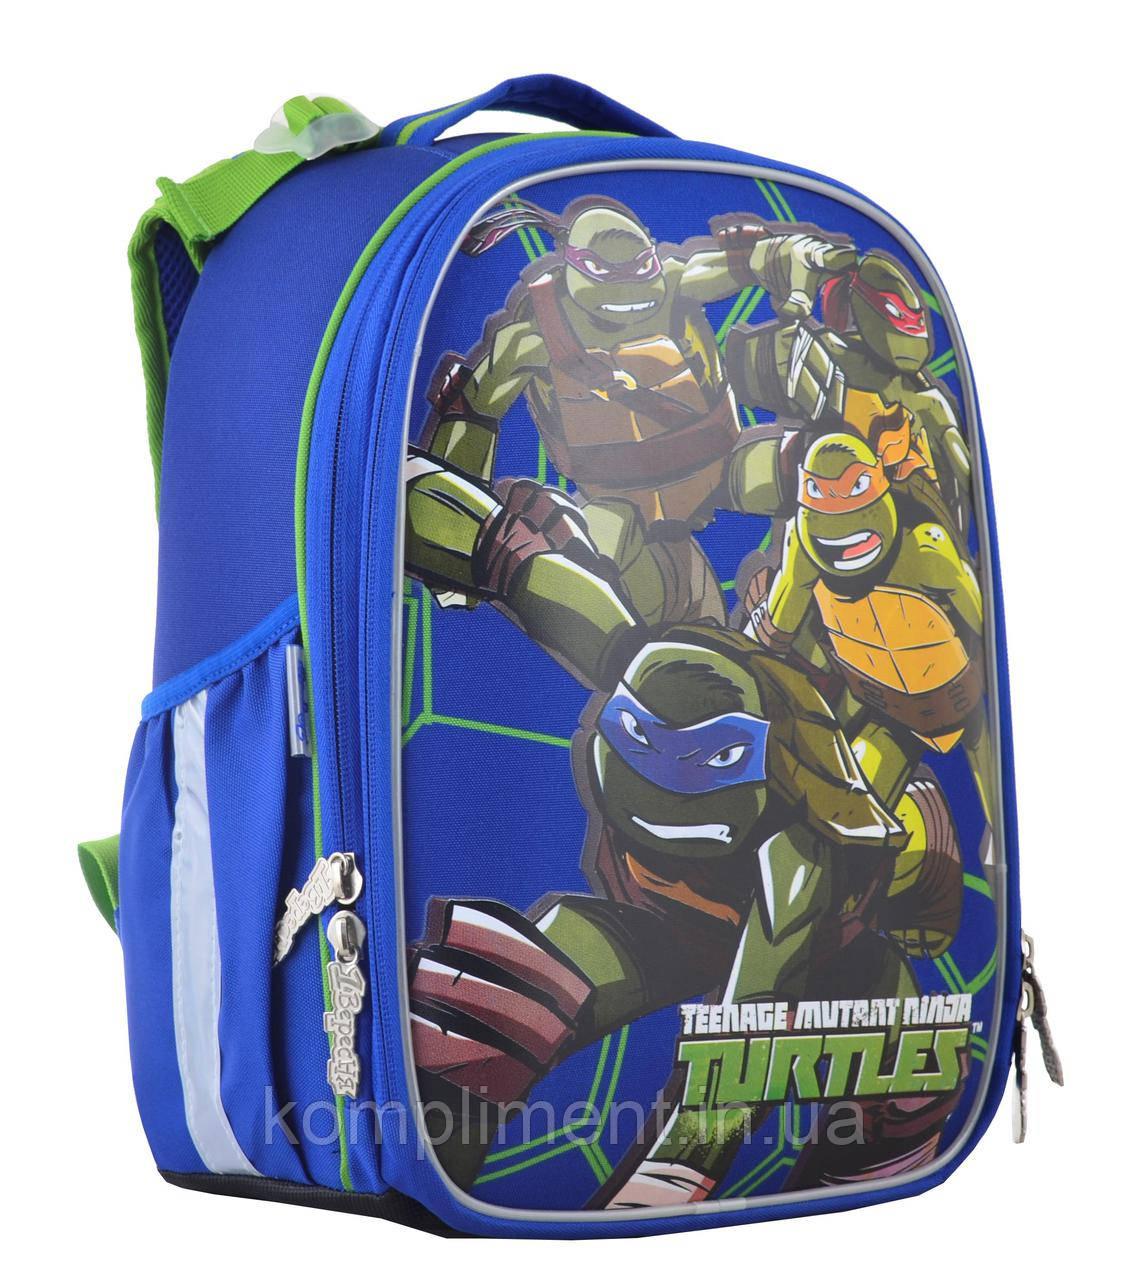 Ранец каркасный ортопедический H-25 Ninja Turtles, 33.5*25*13.5, 1 Вересня